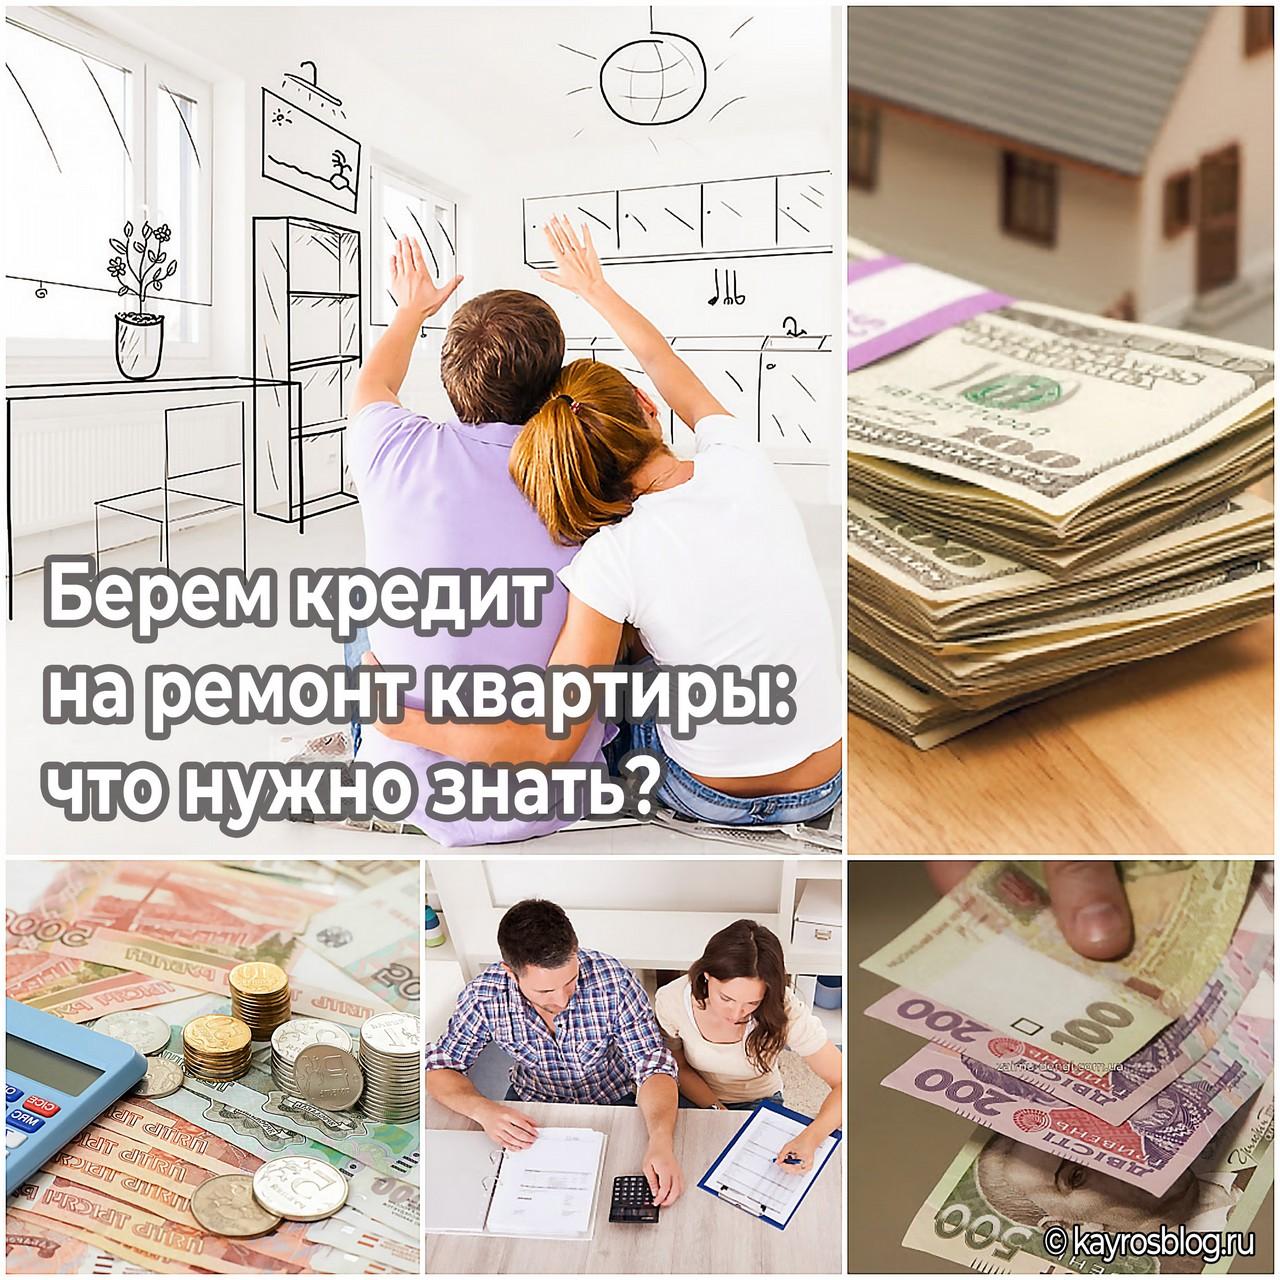 Берем кредит на ремонт квартиры: что нужно знать?